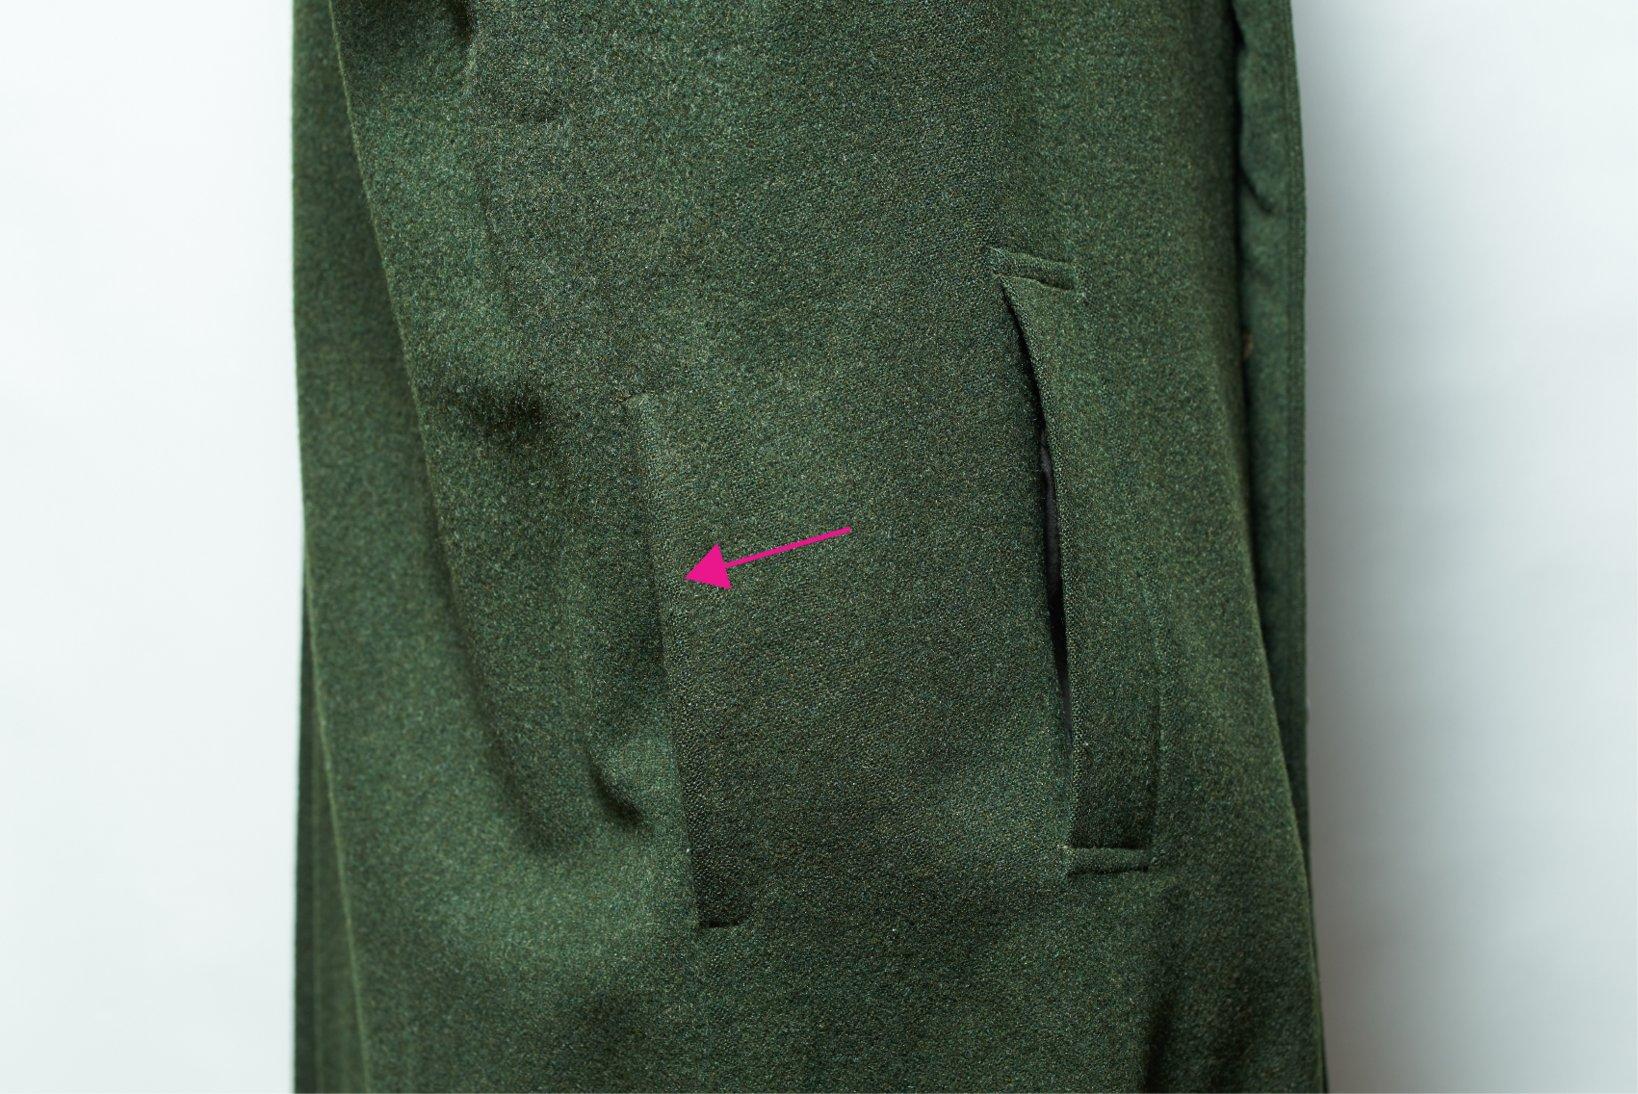 向かって左の切り口はポケットではなく、手を中の服にアクセスさせるための穴だ。